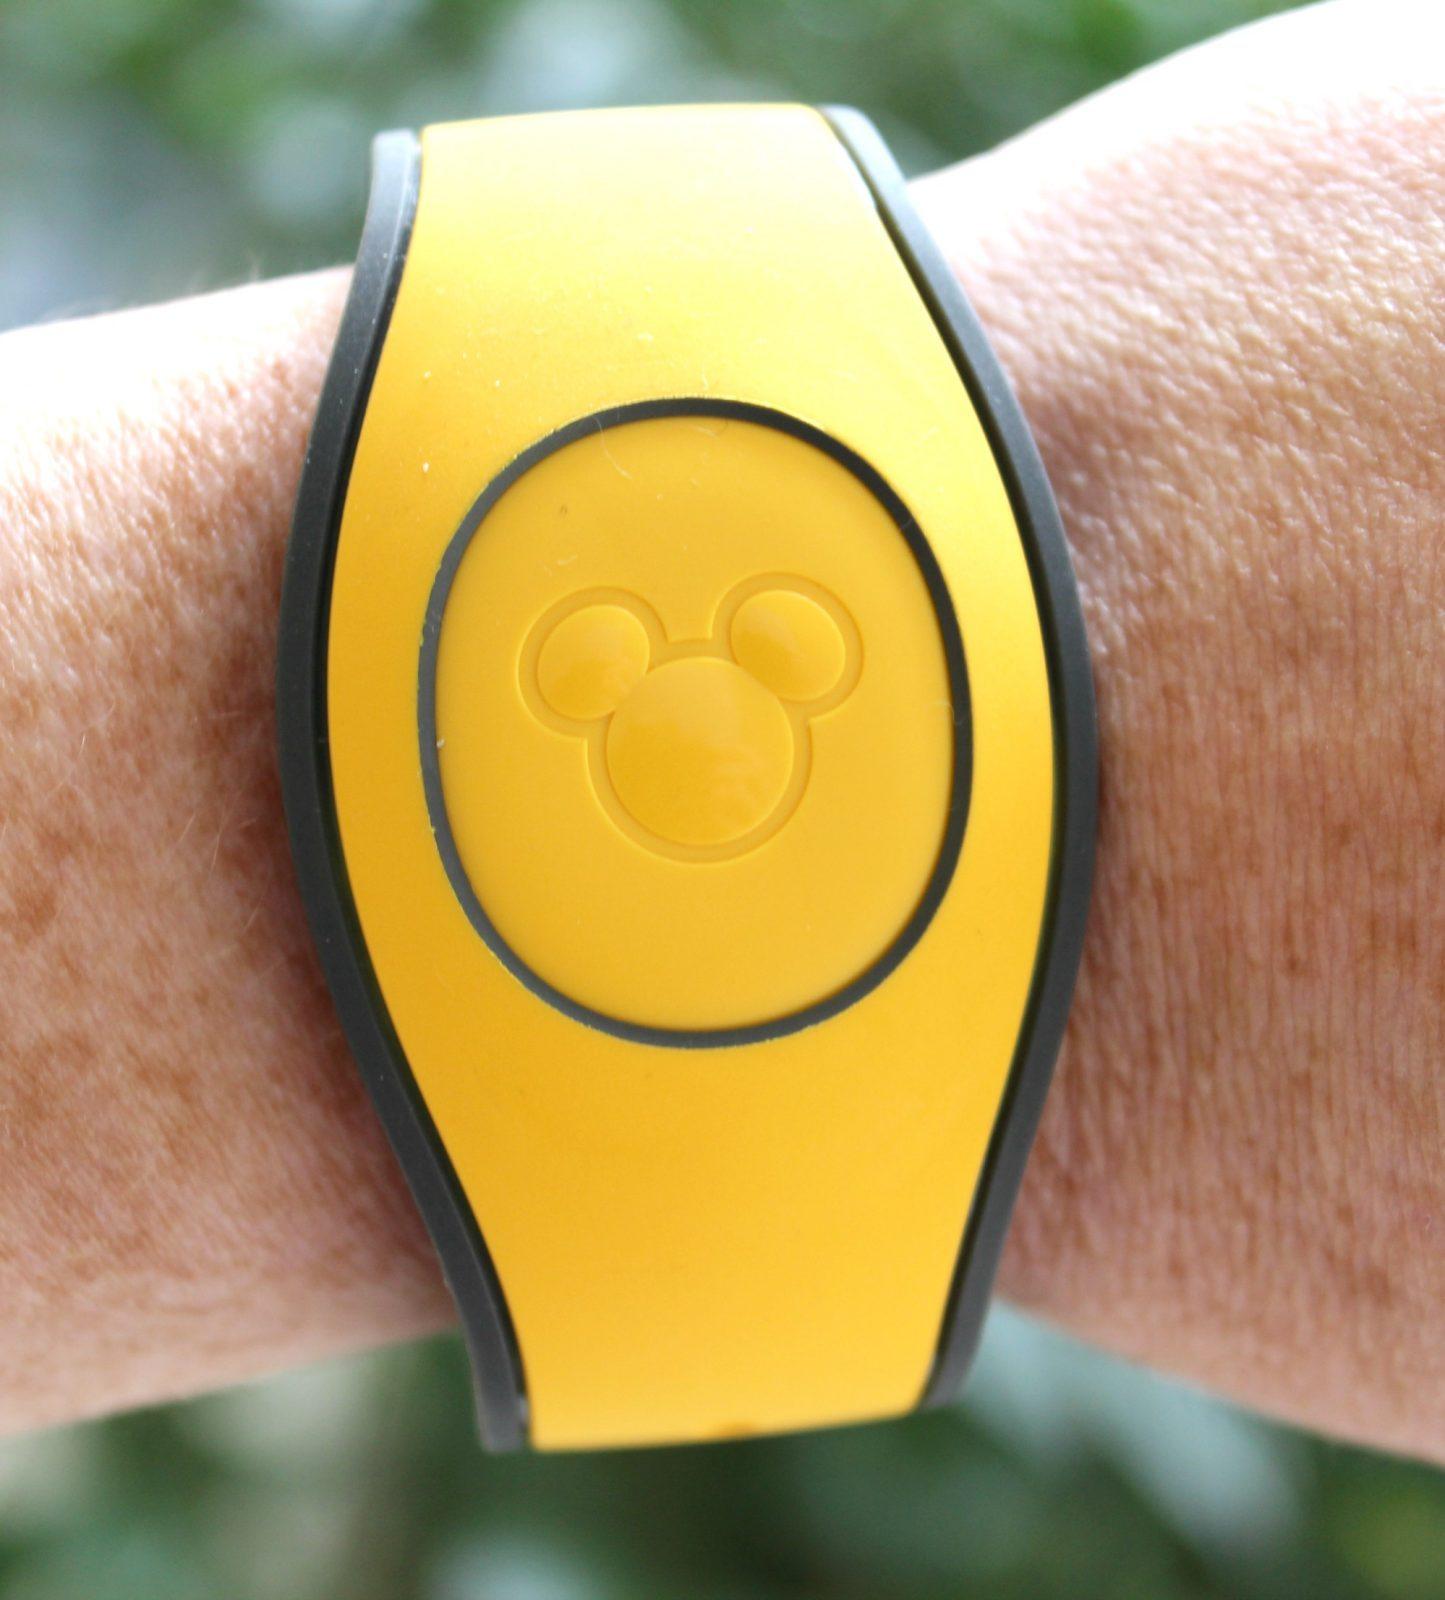 Yellow Magic Band on a wrist